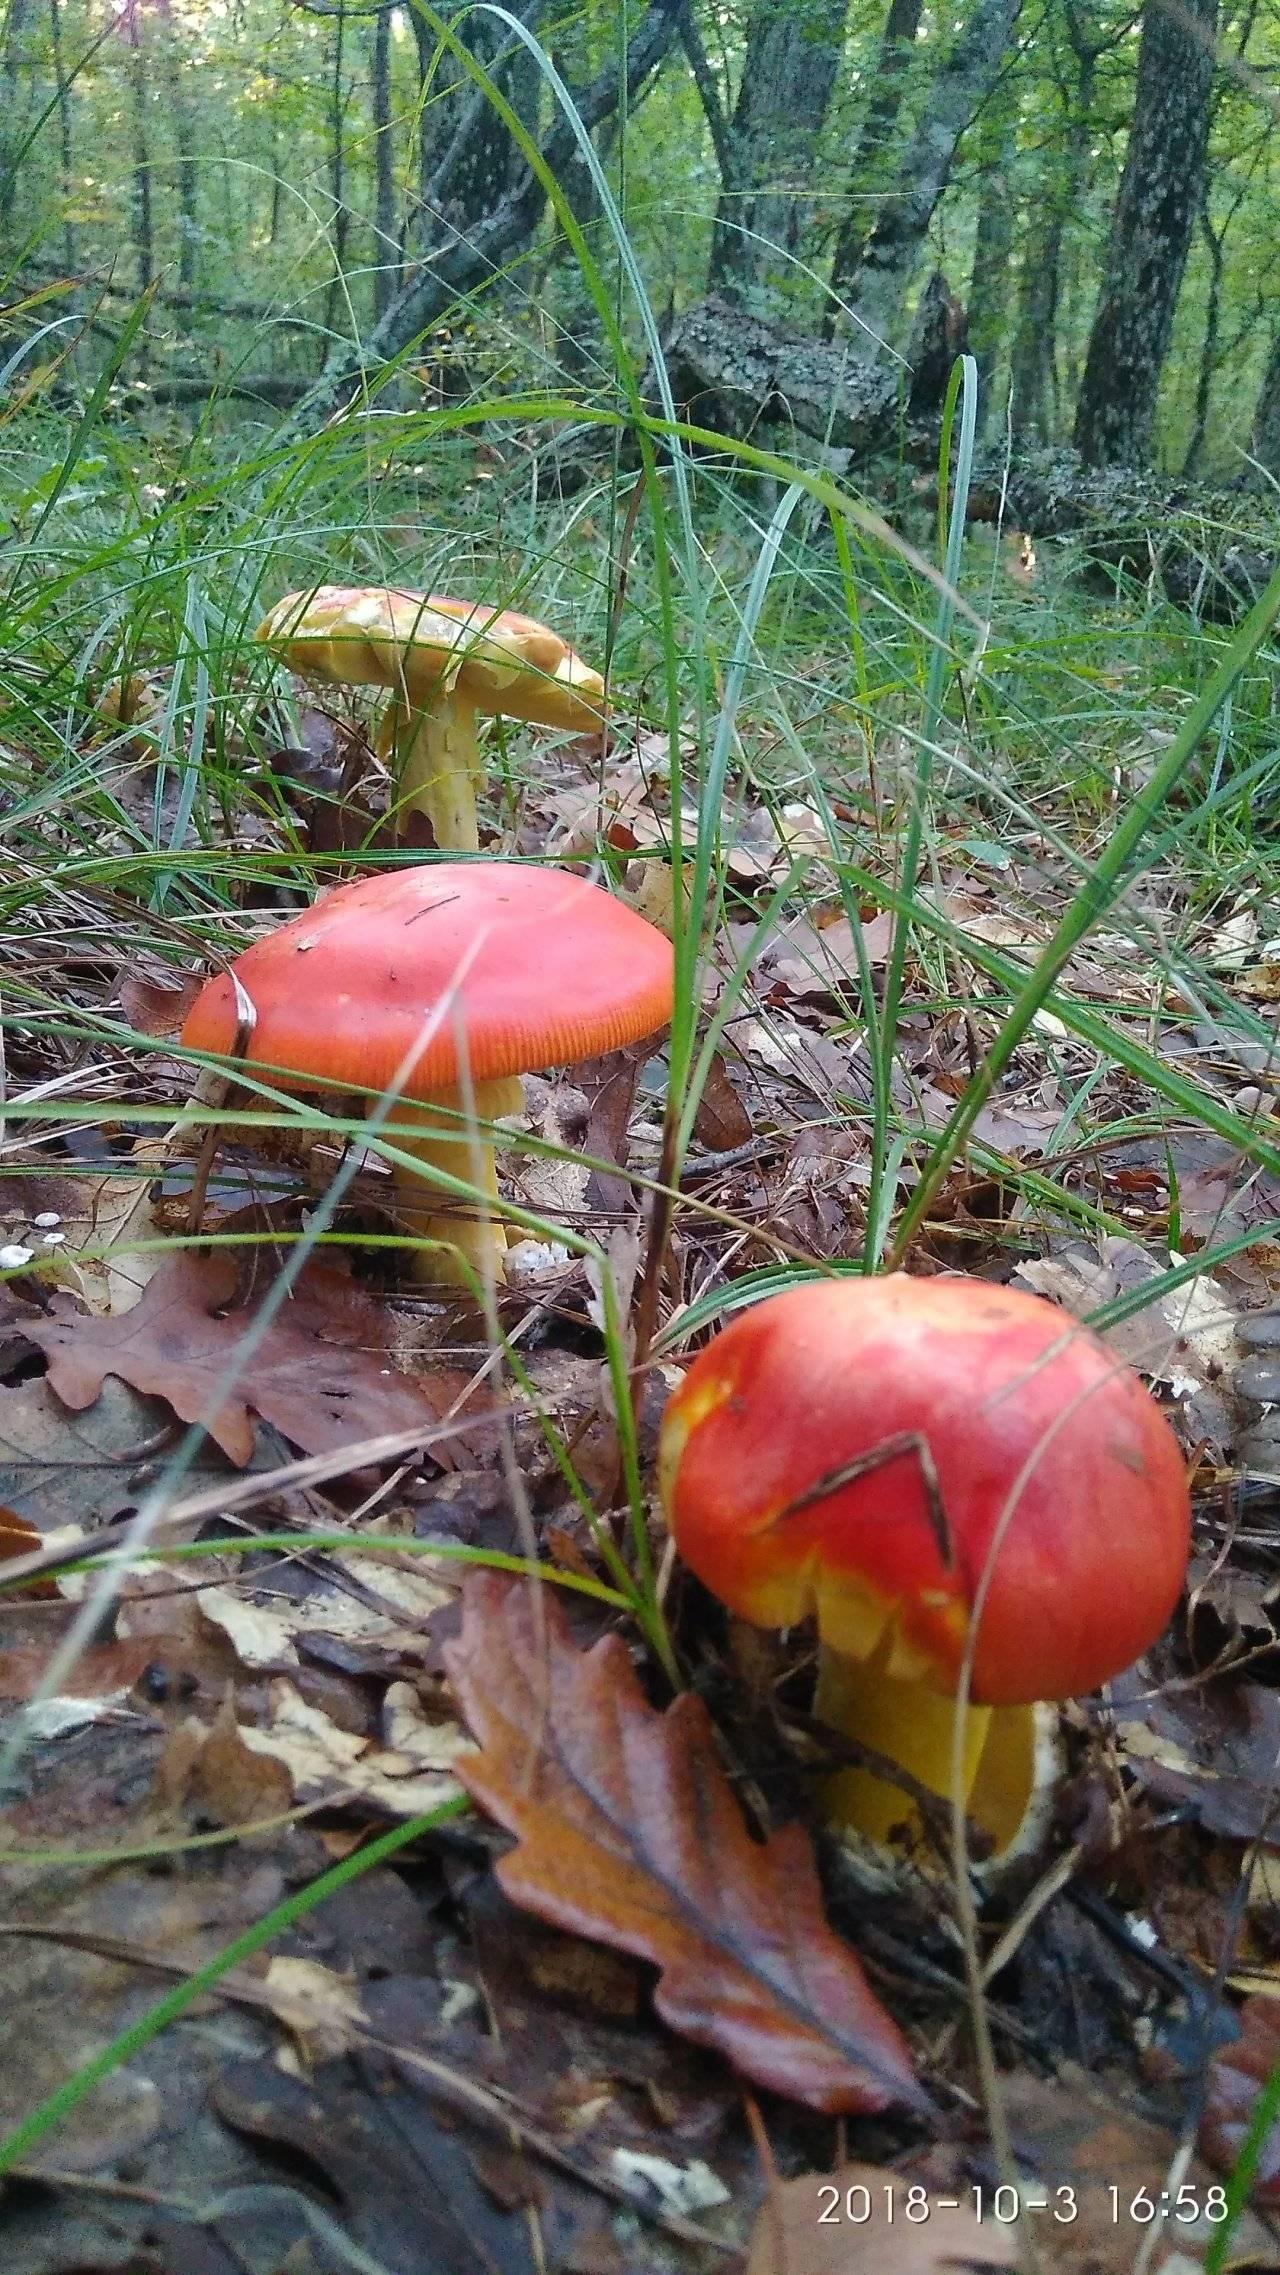 Цезарский гриб (царский гриб)